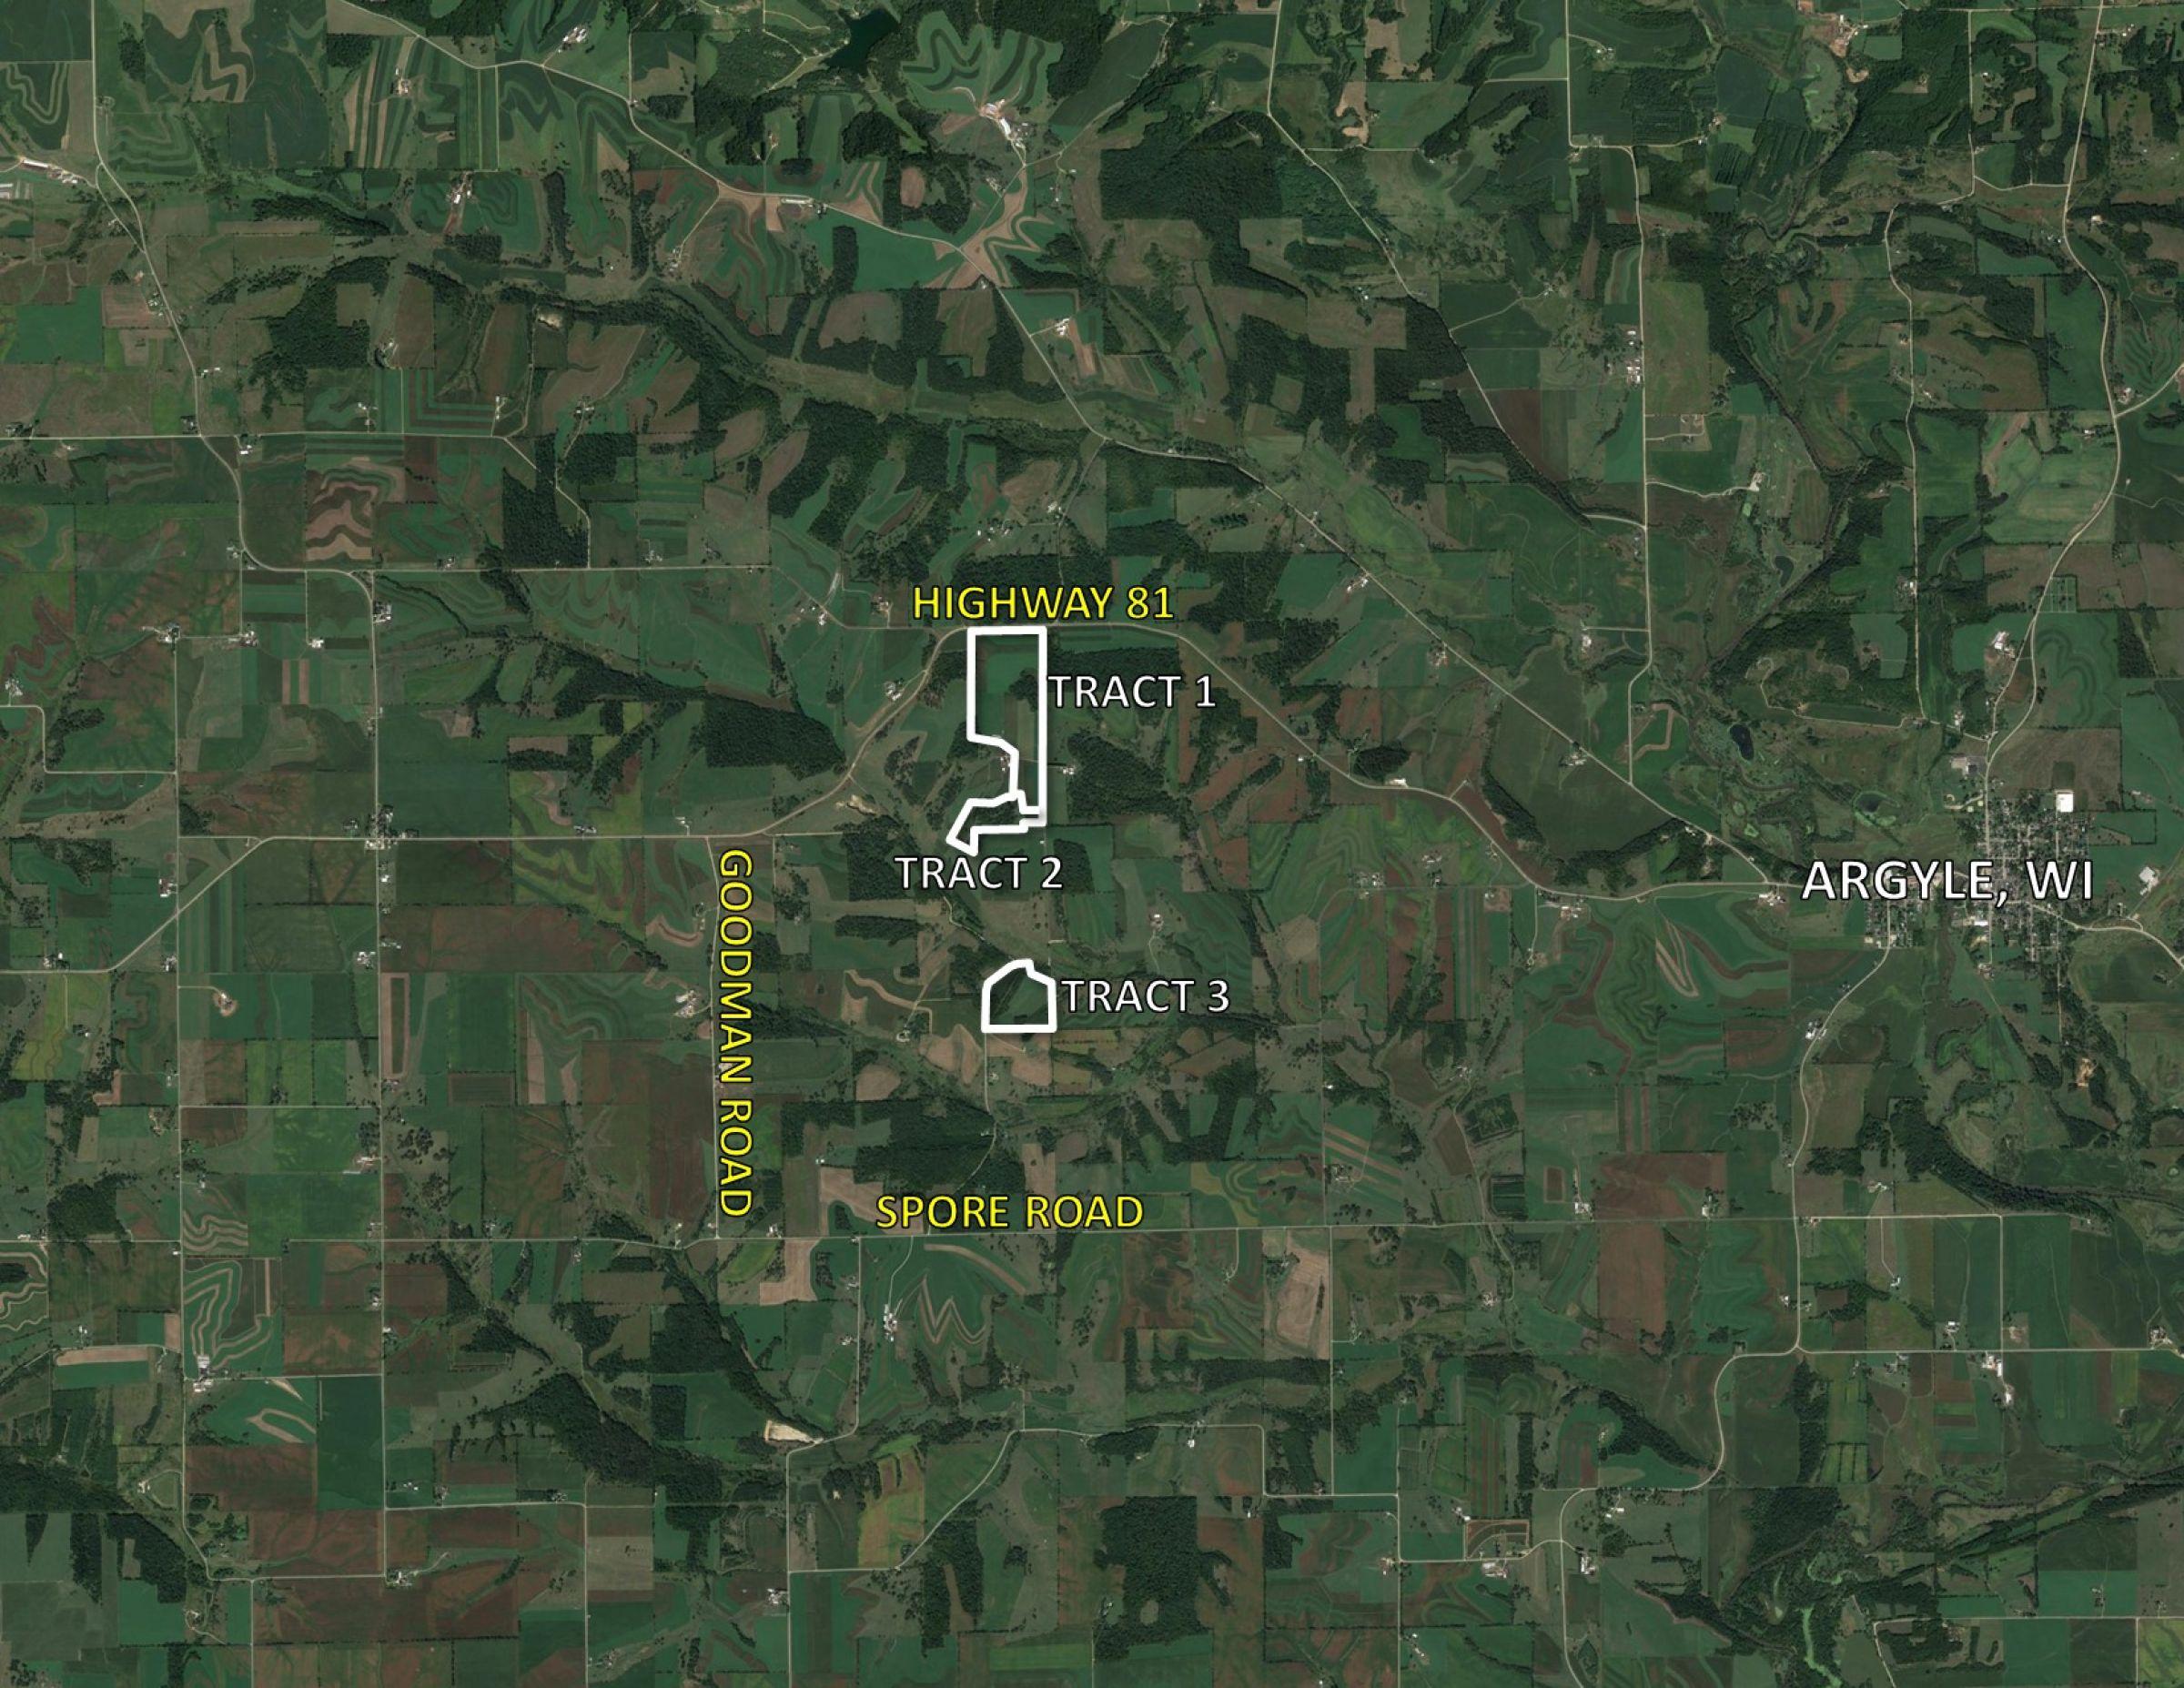 3-3320-apple-grove-church-road-argyle-53504-1-2021-09-29-211802.jpg